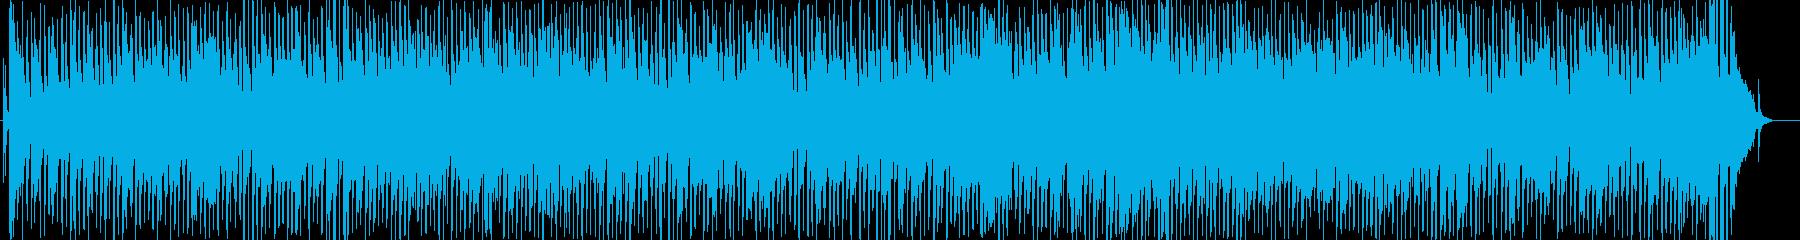 クラシック曲をクイックステップにアレンジの再生済みの波形